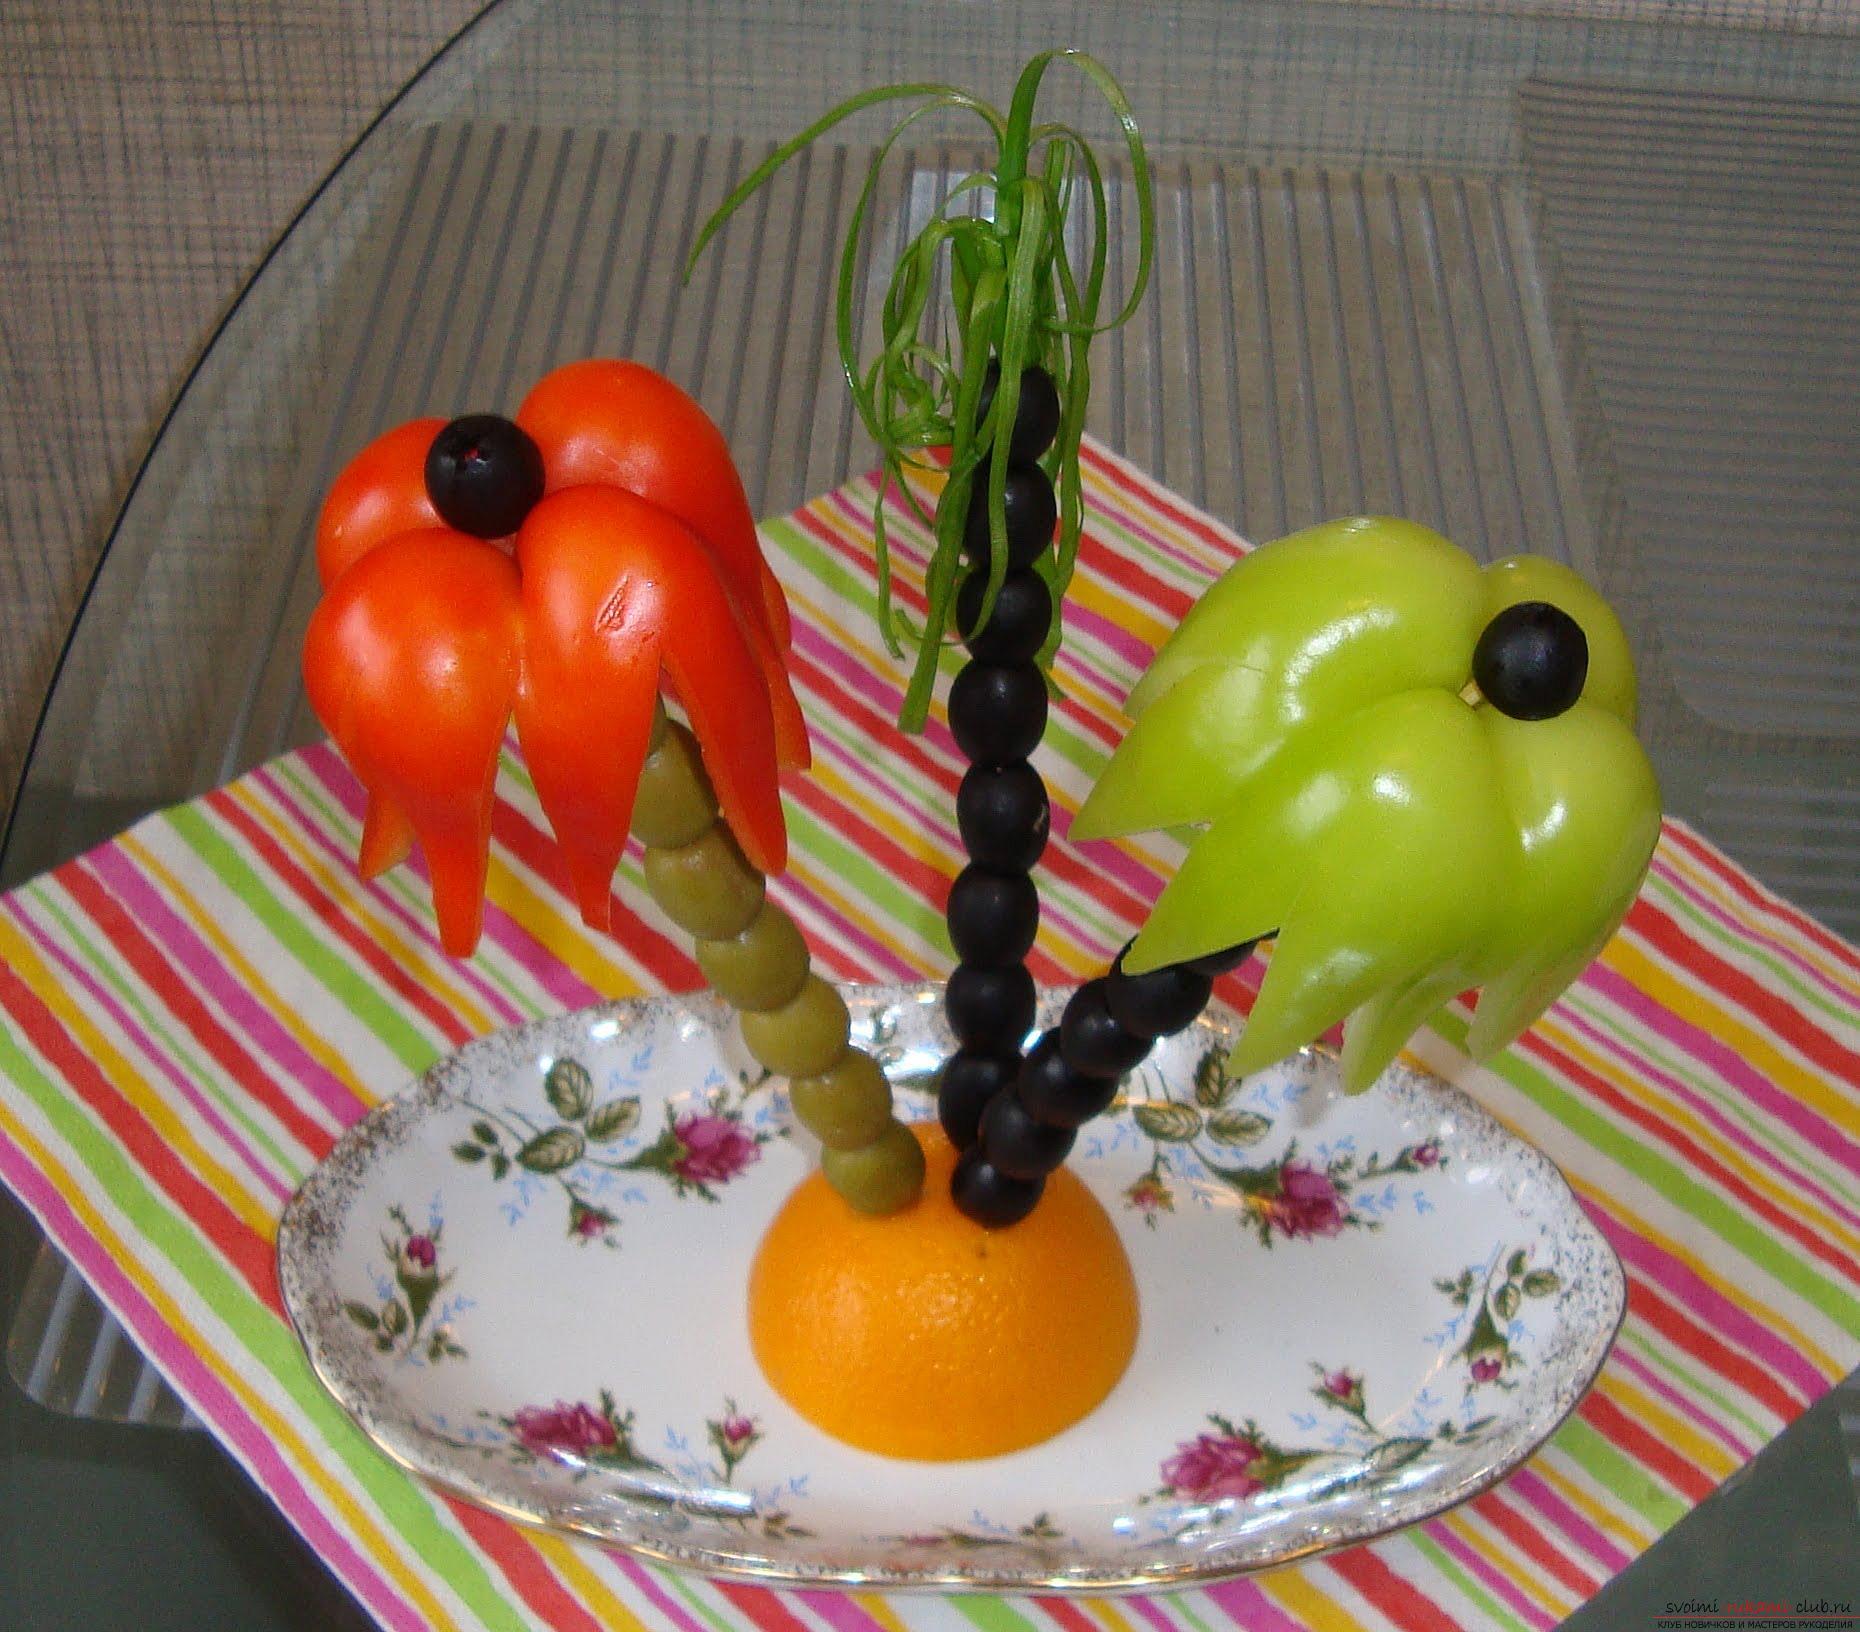 Поделки своими руками цветы из овощей и фруктов своими руками фото 210